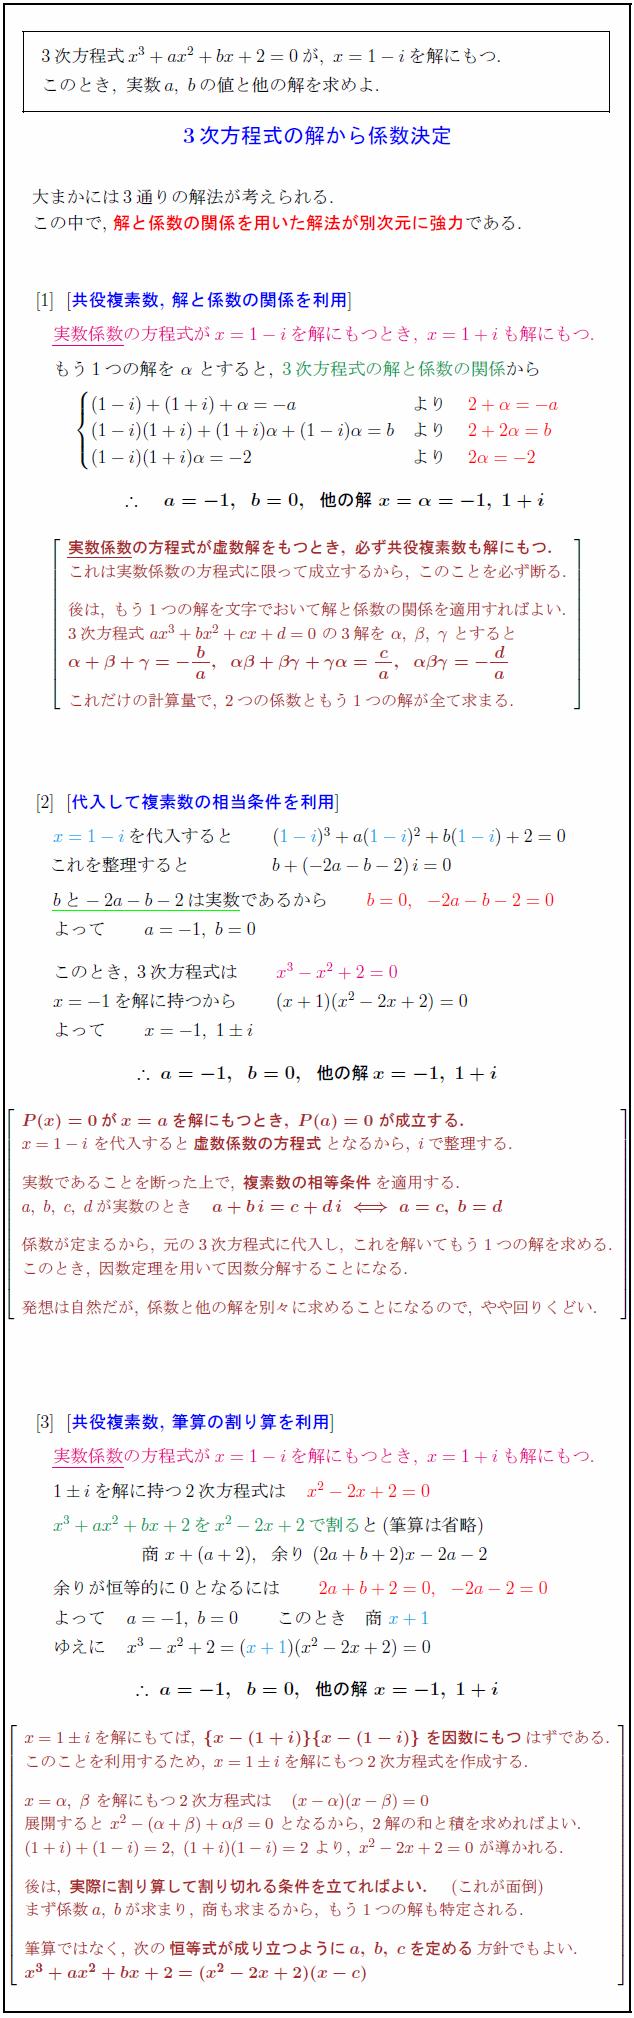 coefficient-determination